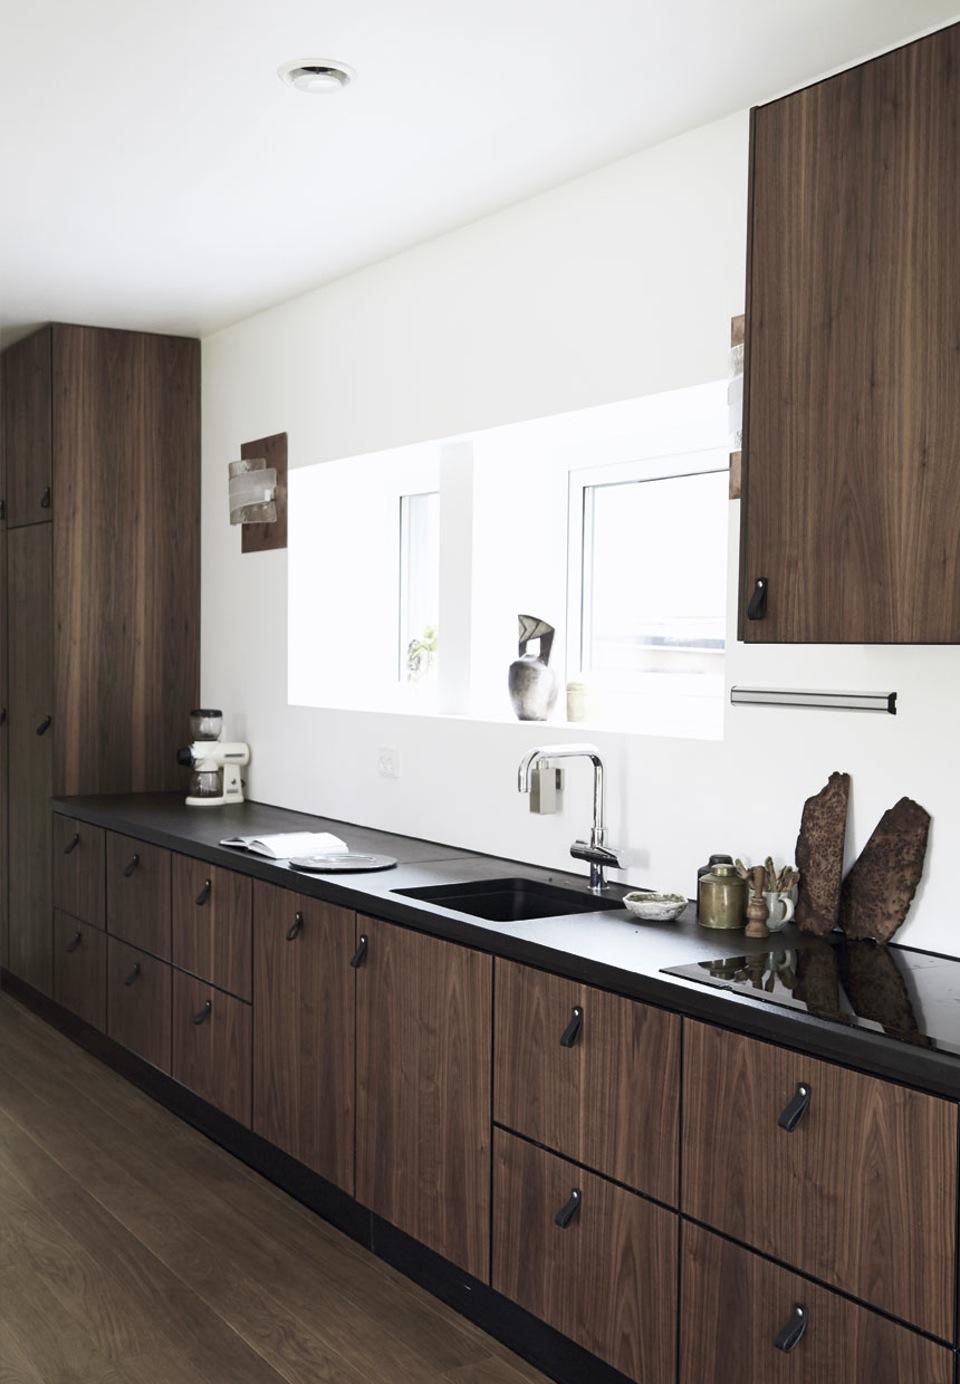 Une cuisine aménagée bois et noir || Roskilde Fjord home